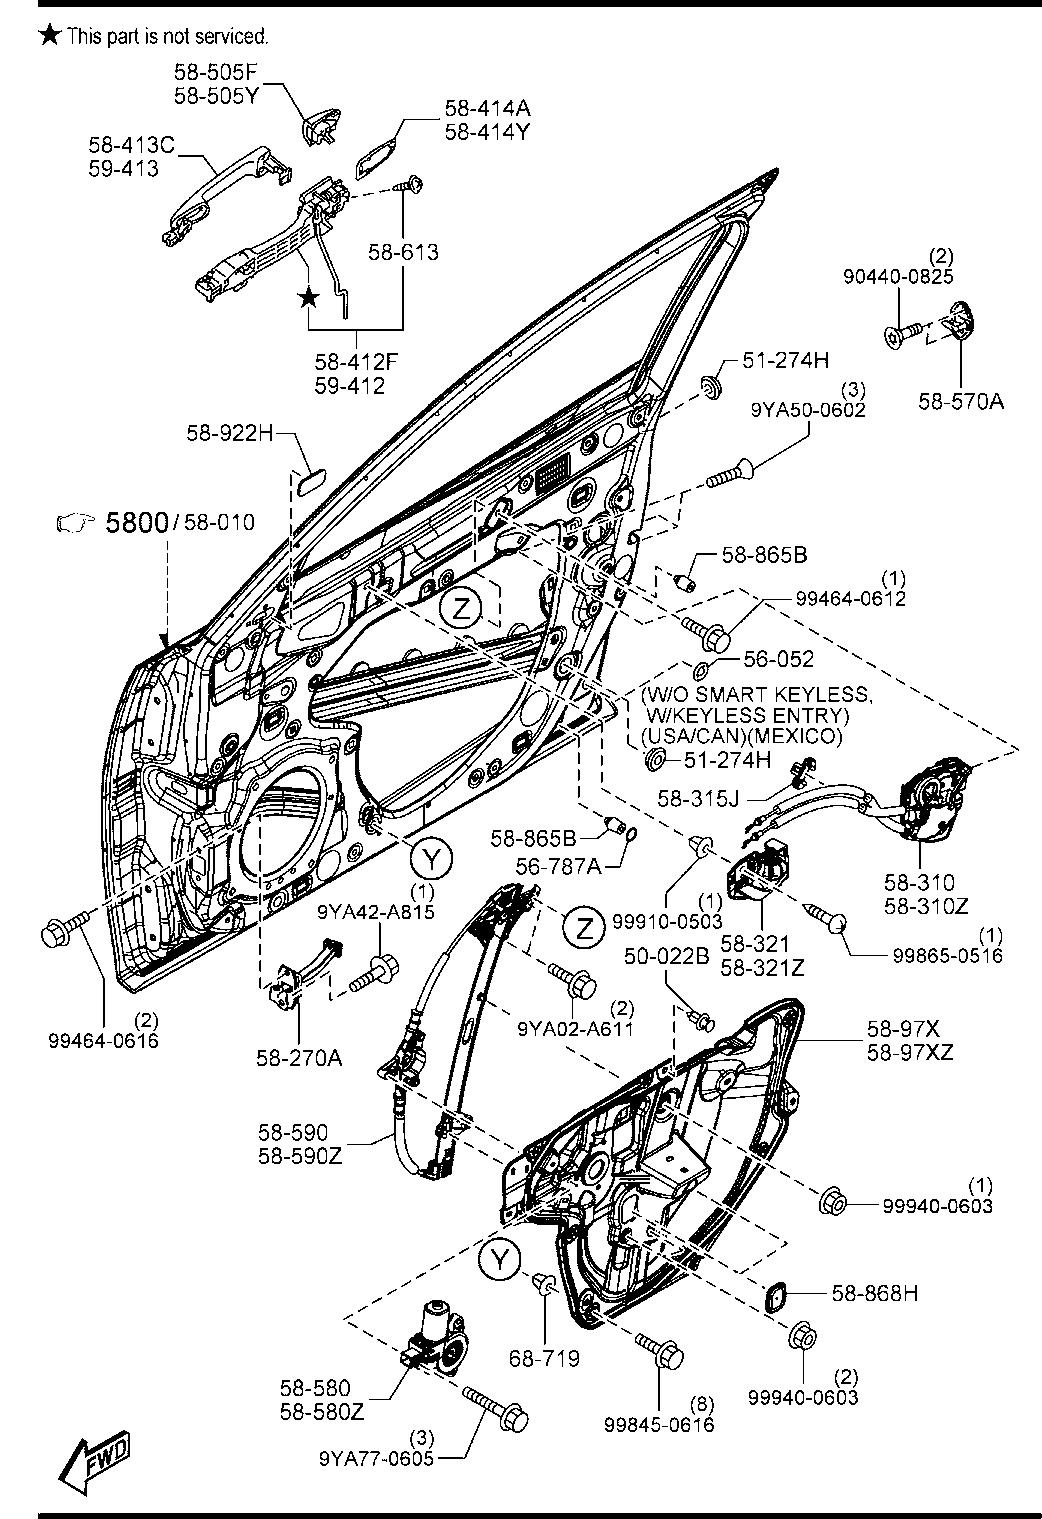 2014 Mazda 3 Body Parts Diagram